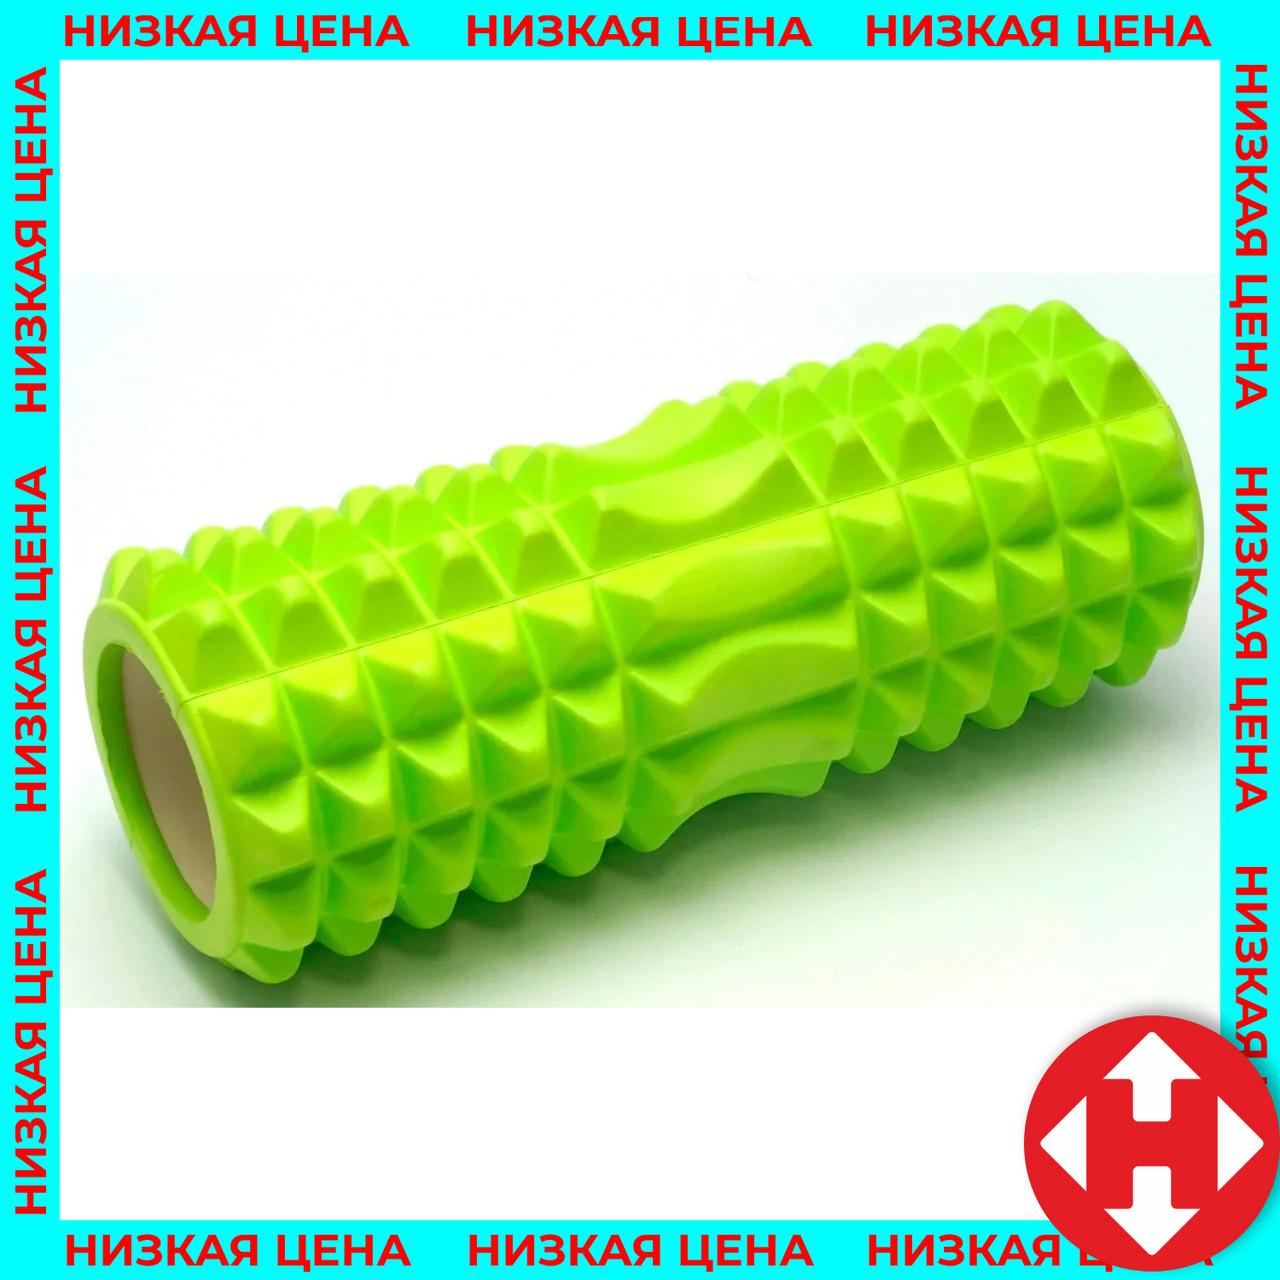 Массажный валик / ролик для фитнеса / йоги Салатовый с маленькими секциями, валик для массажа спины